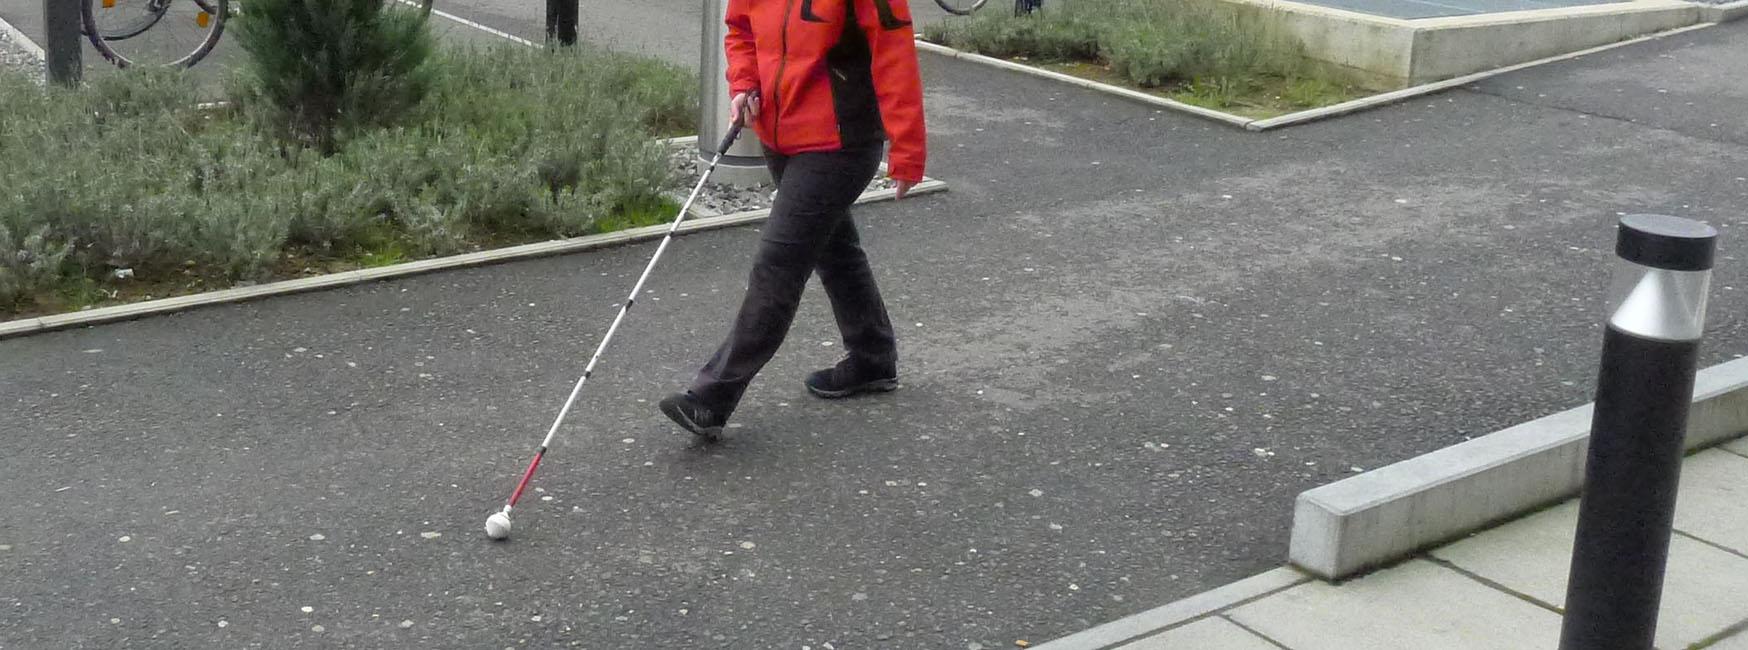 Person mit weissem Stock auf seitlich gut abgegrenztem Fussweg